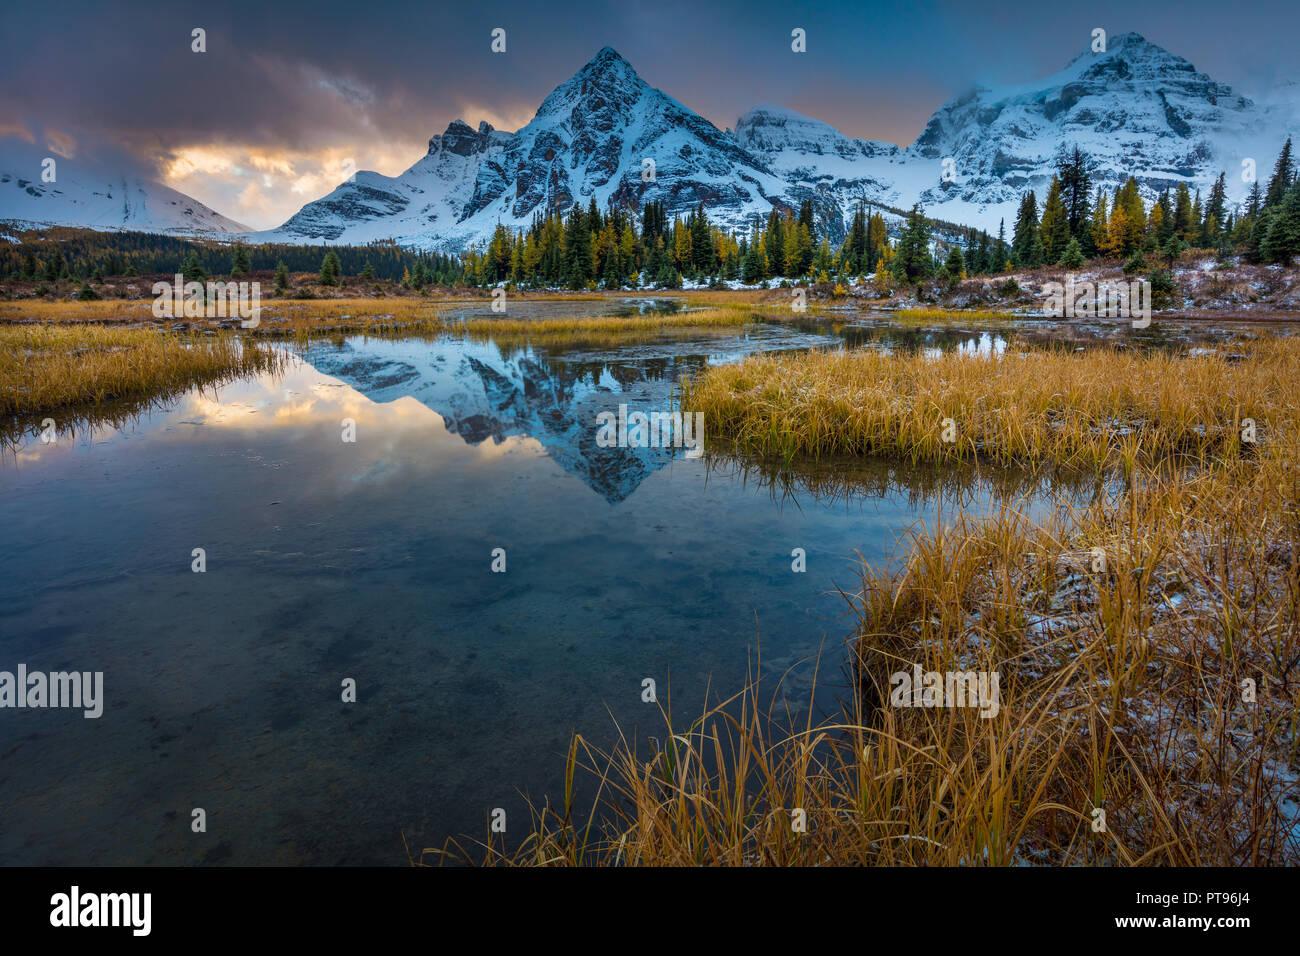 Mount Assiniboine Provincial Park ist ein Provincial Park in British Columbia, Kanada, um Mount Assiniboine gelegen. Der Park wurde 1922 gegründet. S Stockbild